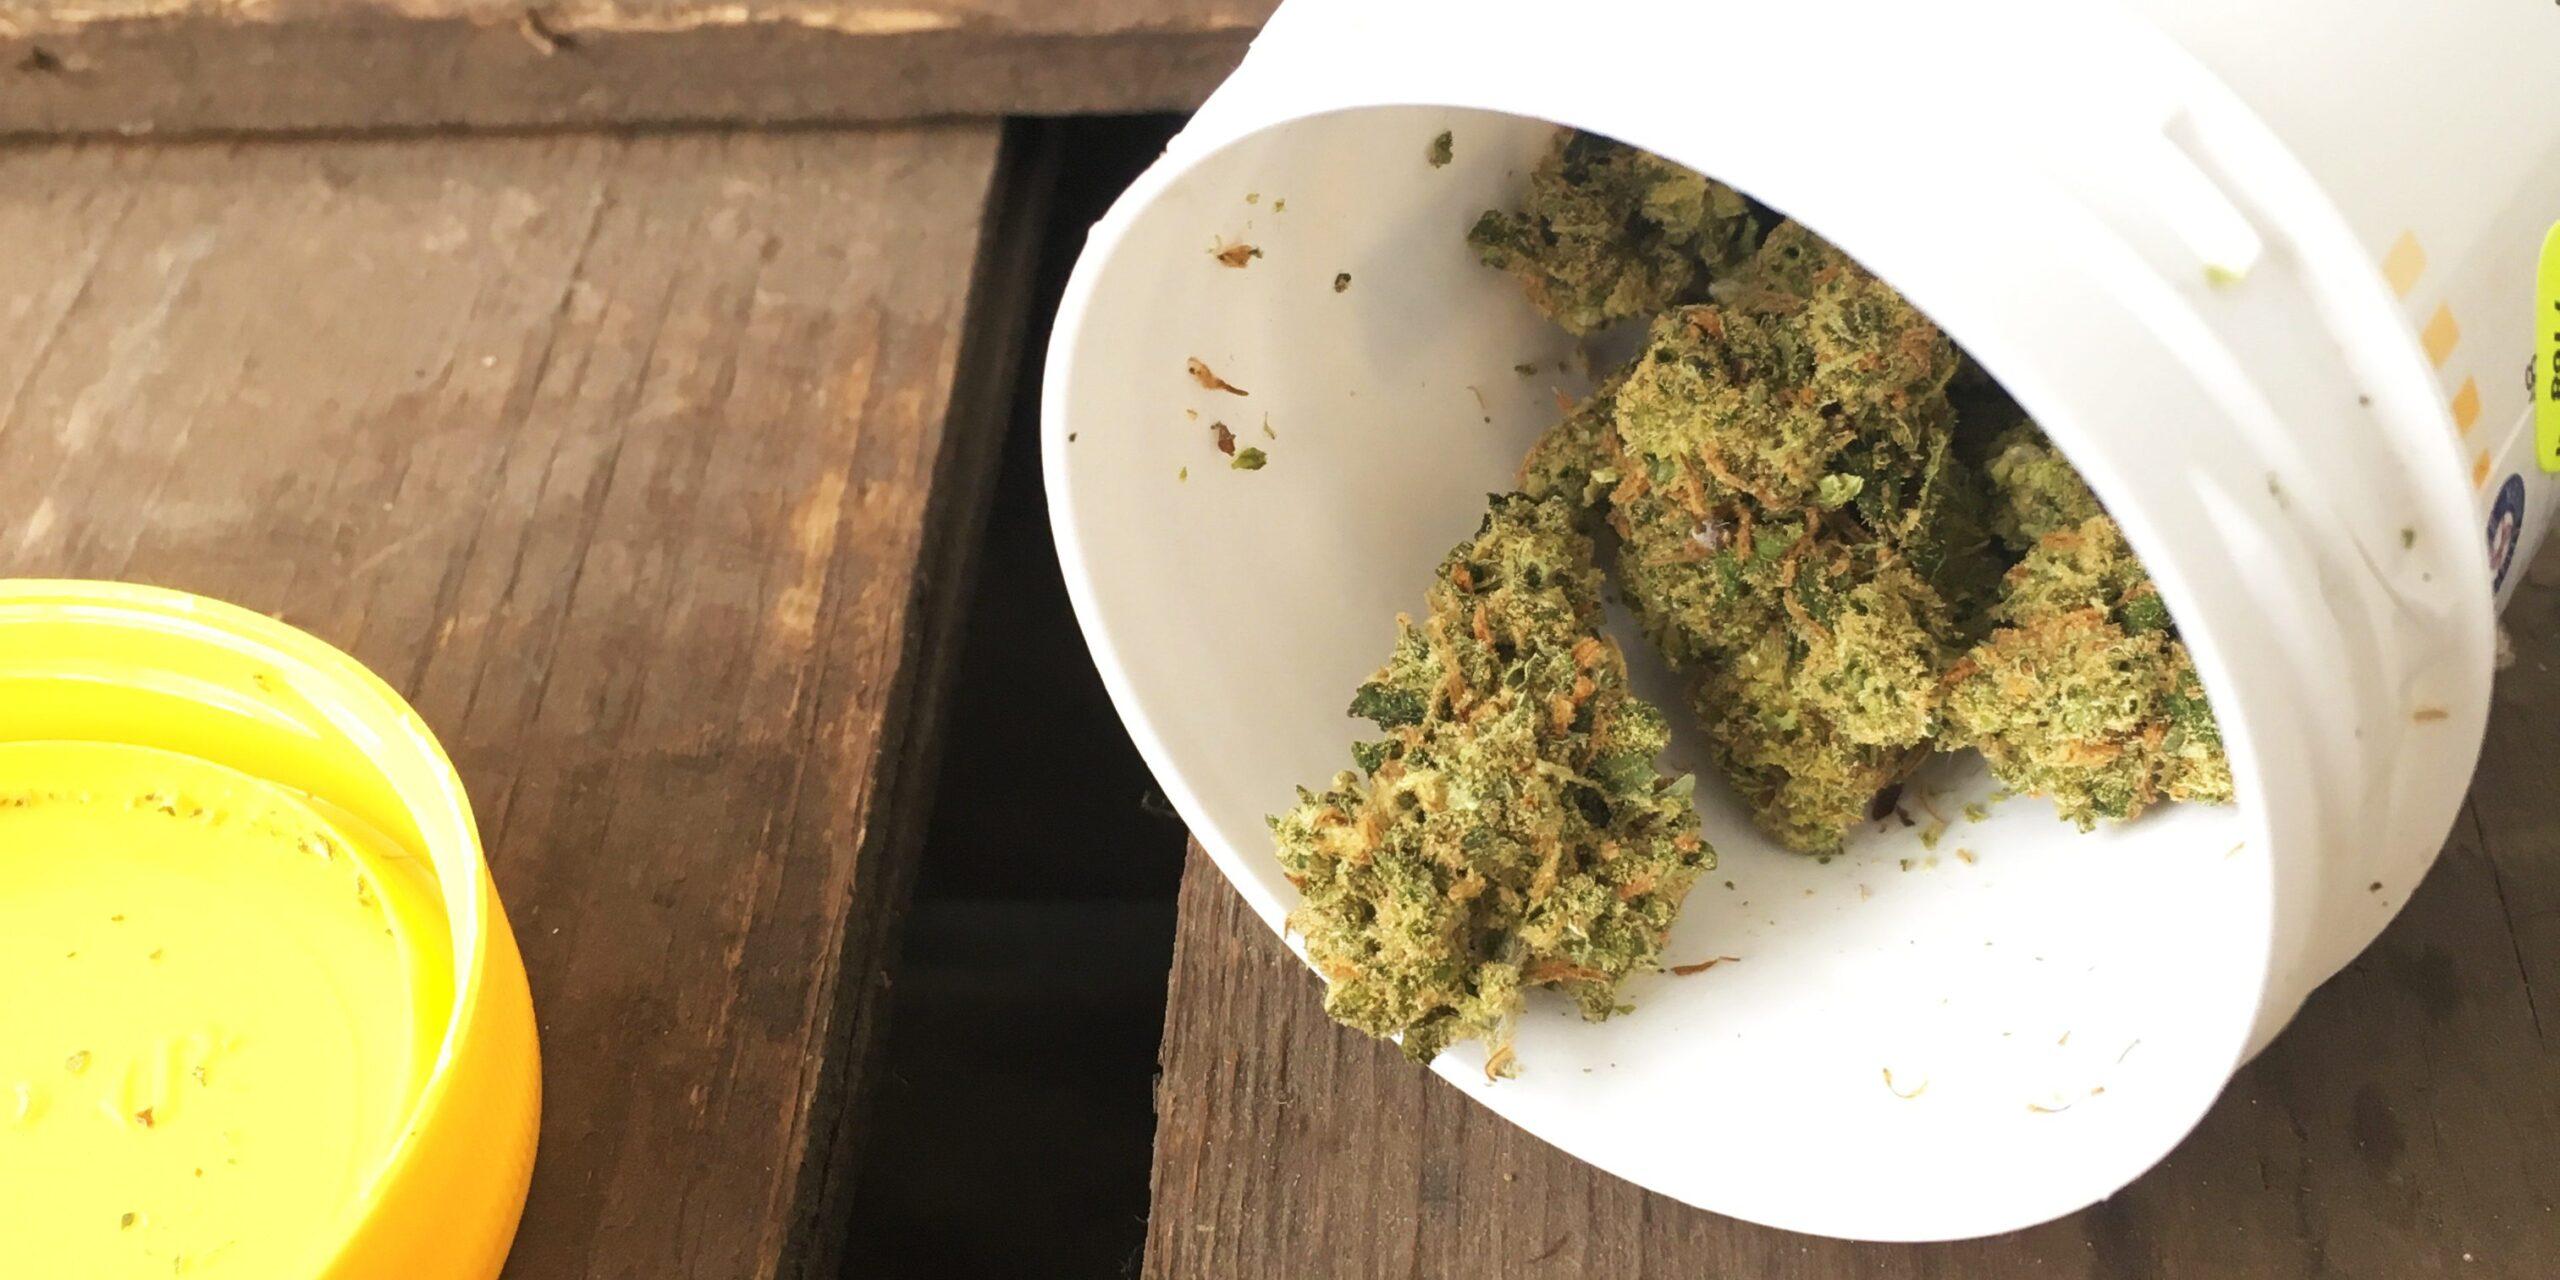 Medicinale cannabis - fibromyalgieblog-bew